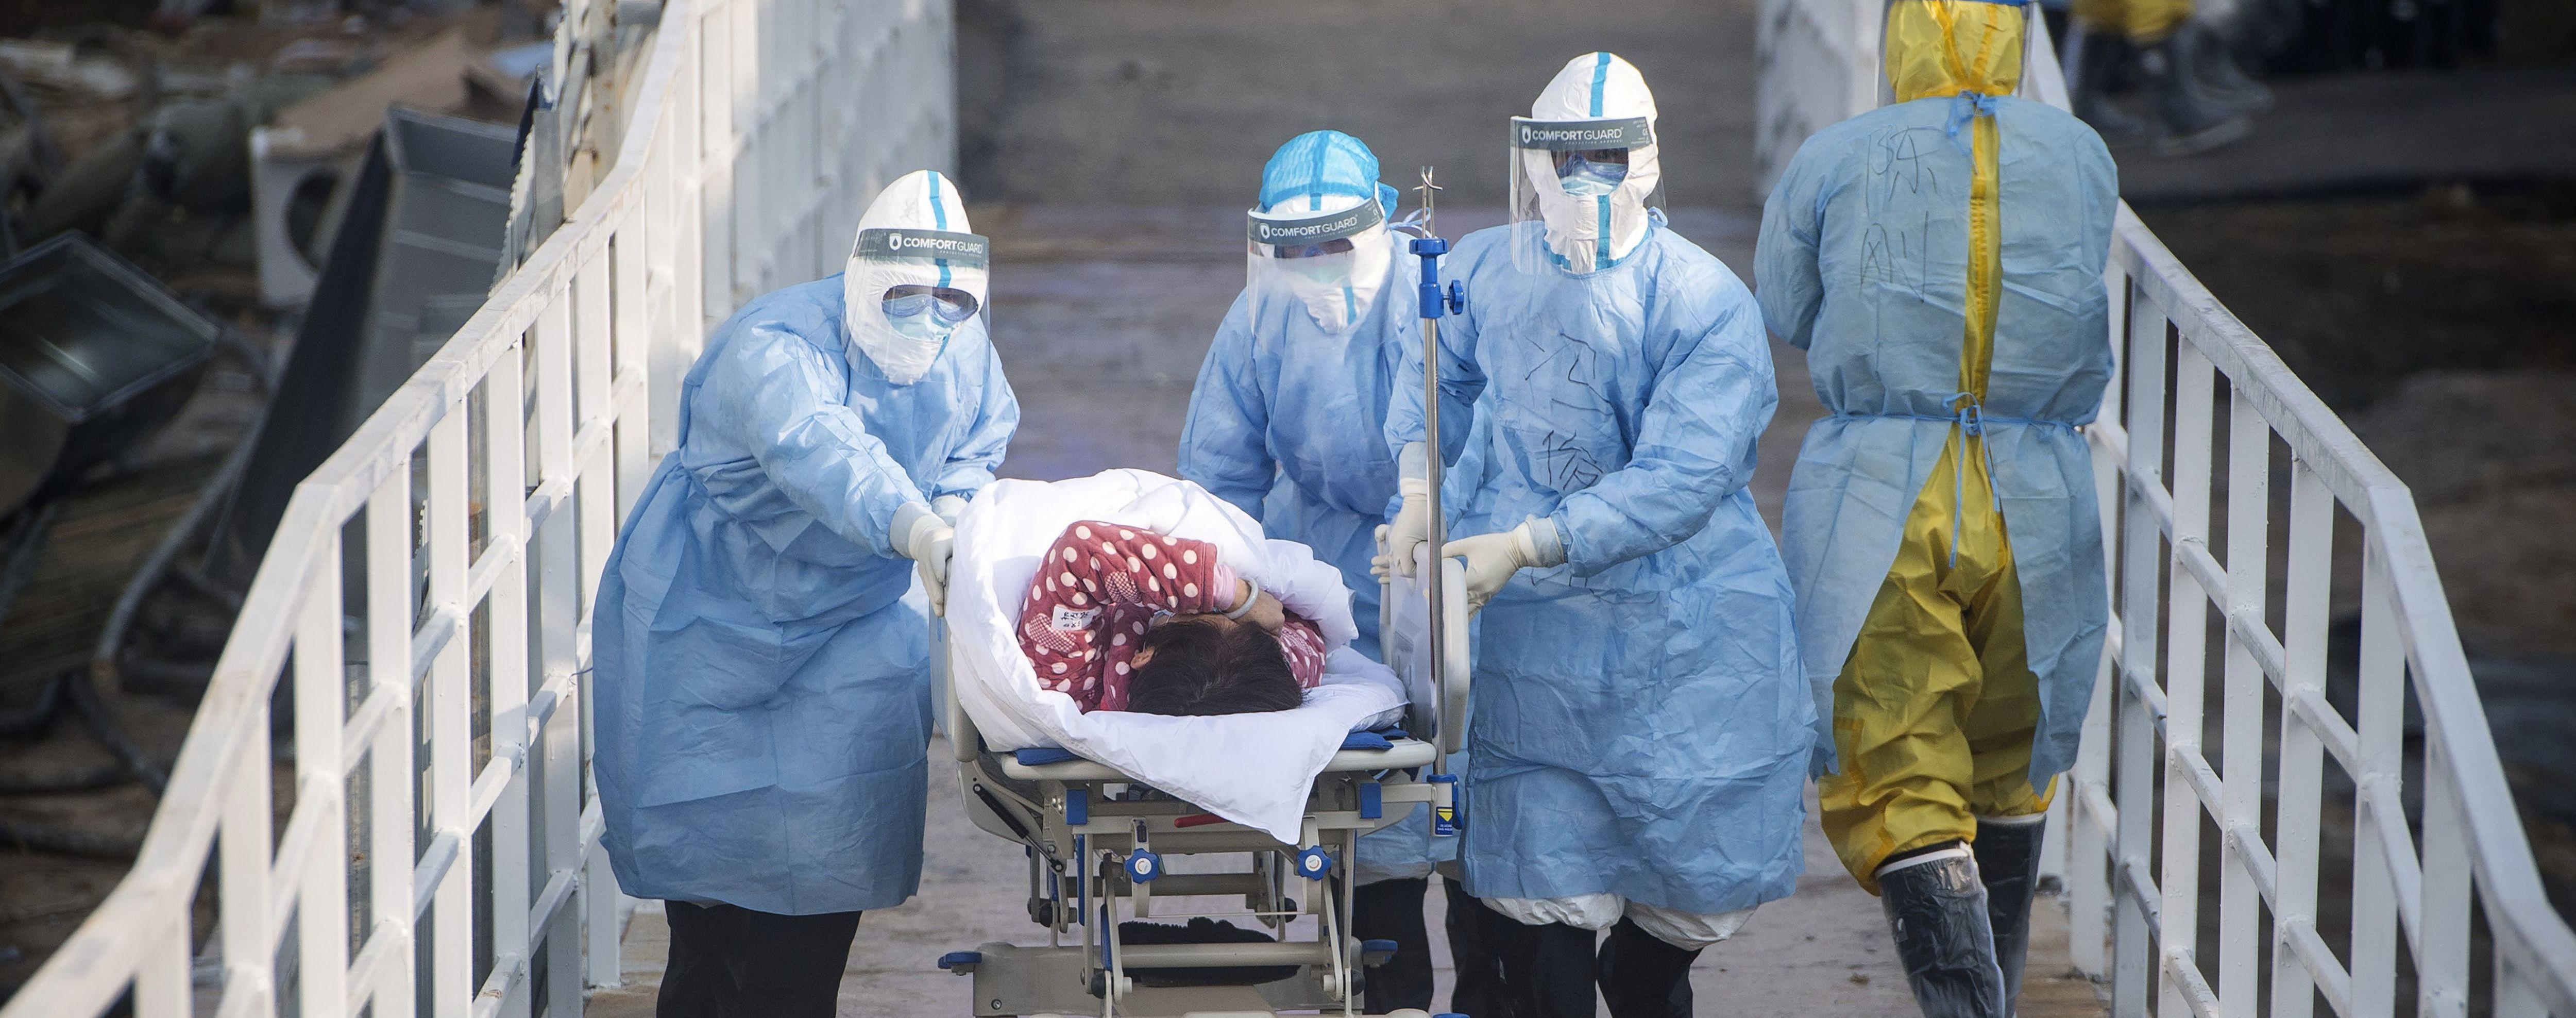 У Китаї через коронавірус уже померли понад 600 людей. Ще майже п'ять тисяч перебувають у тяжкому стані